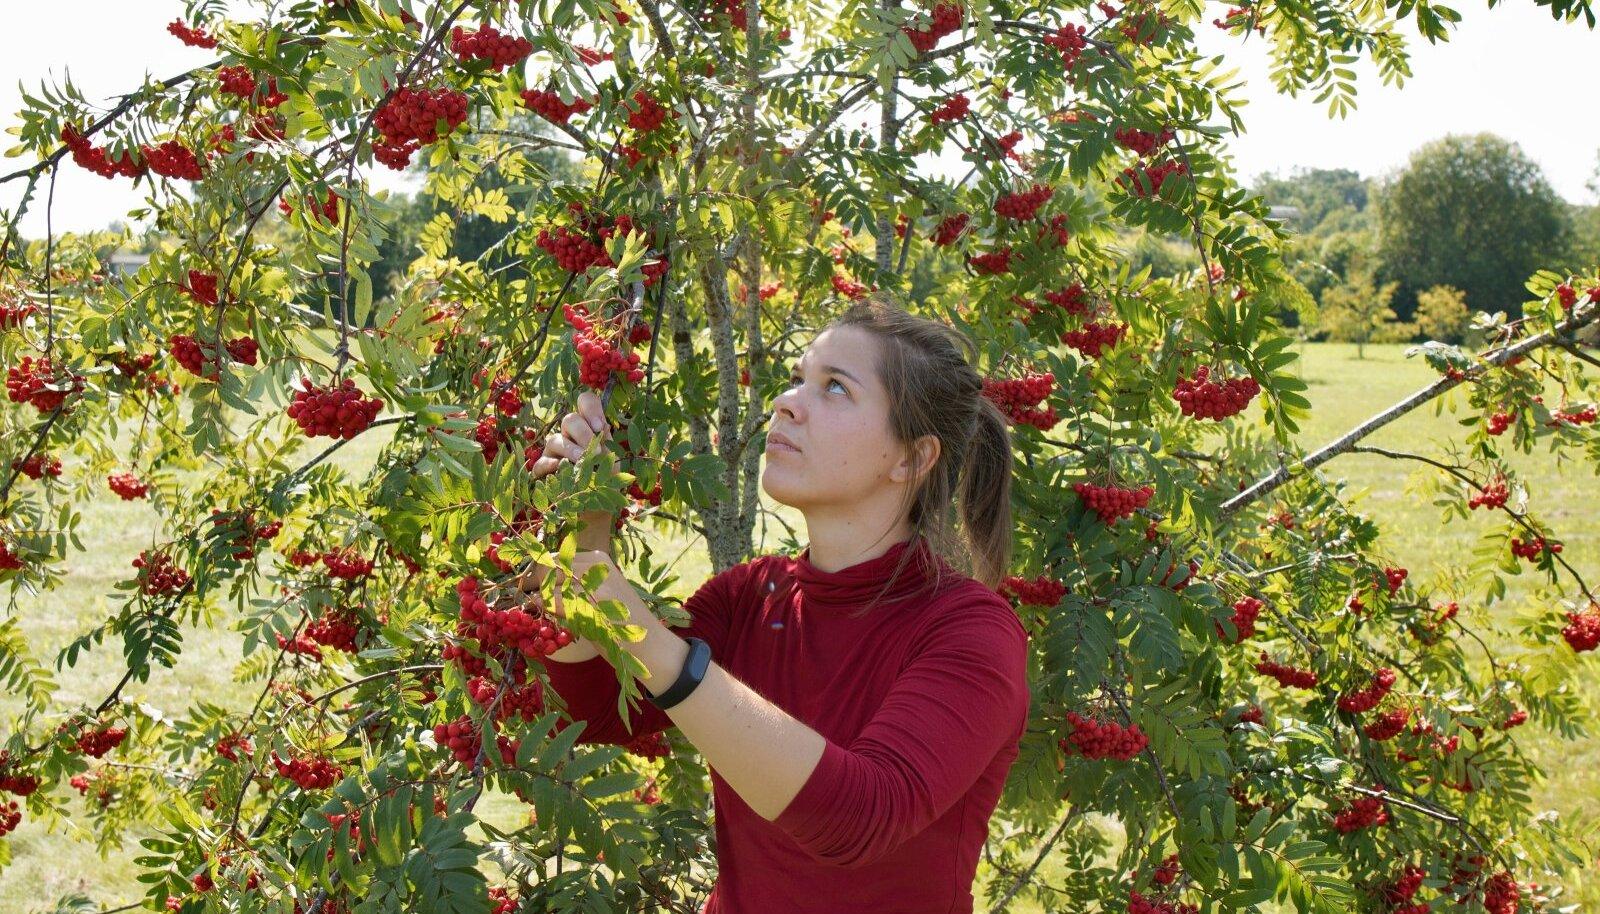 Mailis Vinogradov selgitab, et kuigi kultuurpihlakate sordid on küllalt madala kasvuga, on neilt ka koduaias keerukas vilju korjata.